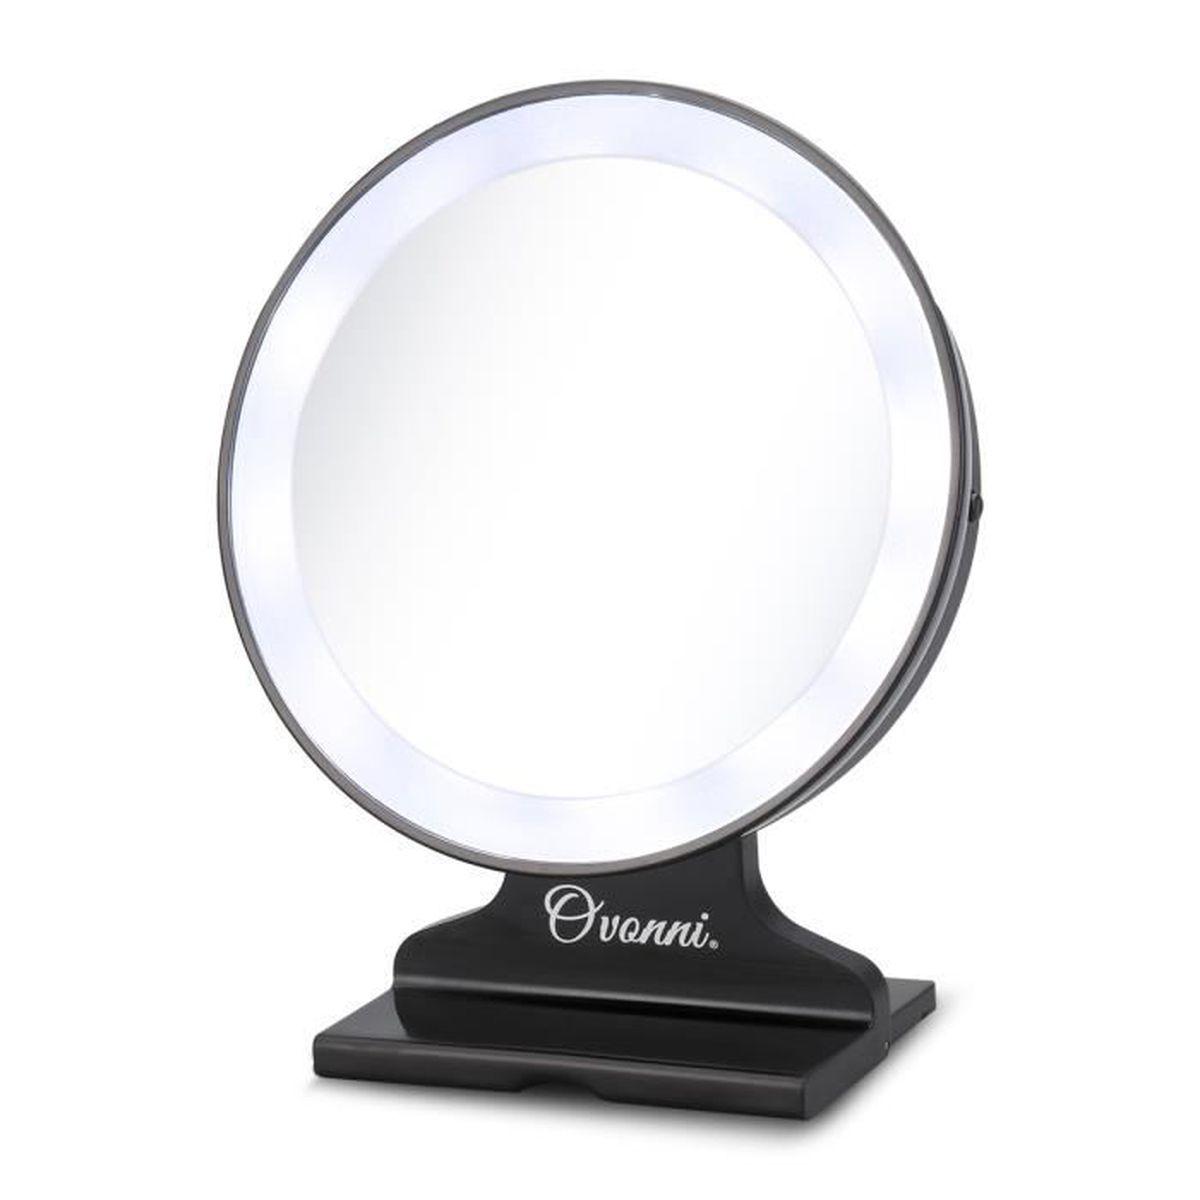 ovonni 5x magnification led miroir cosm tique noir miroir. Black Bedroom Furniture Sets. Home Design Ideas